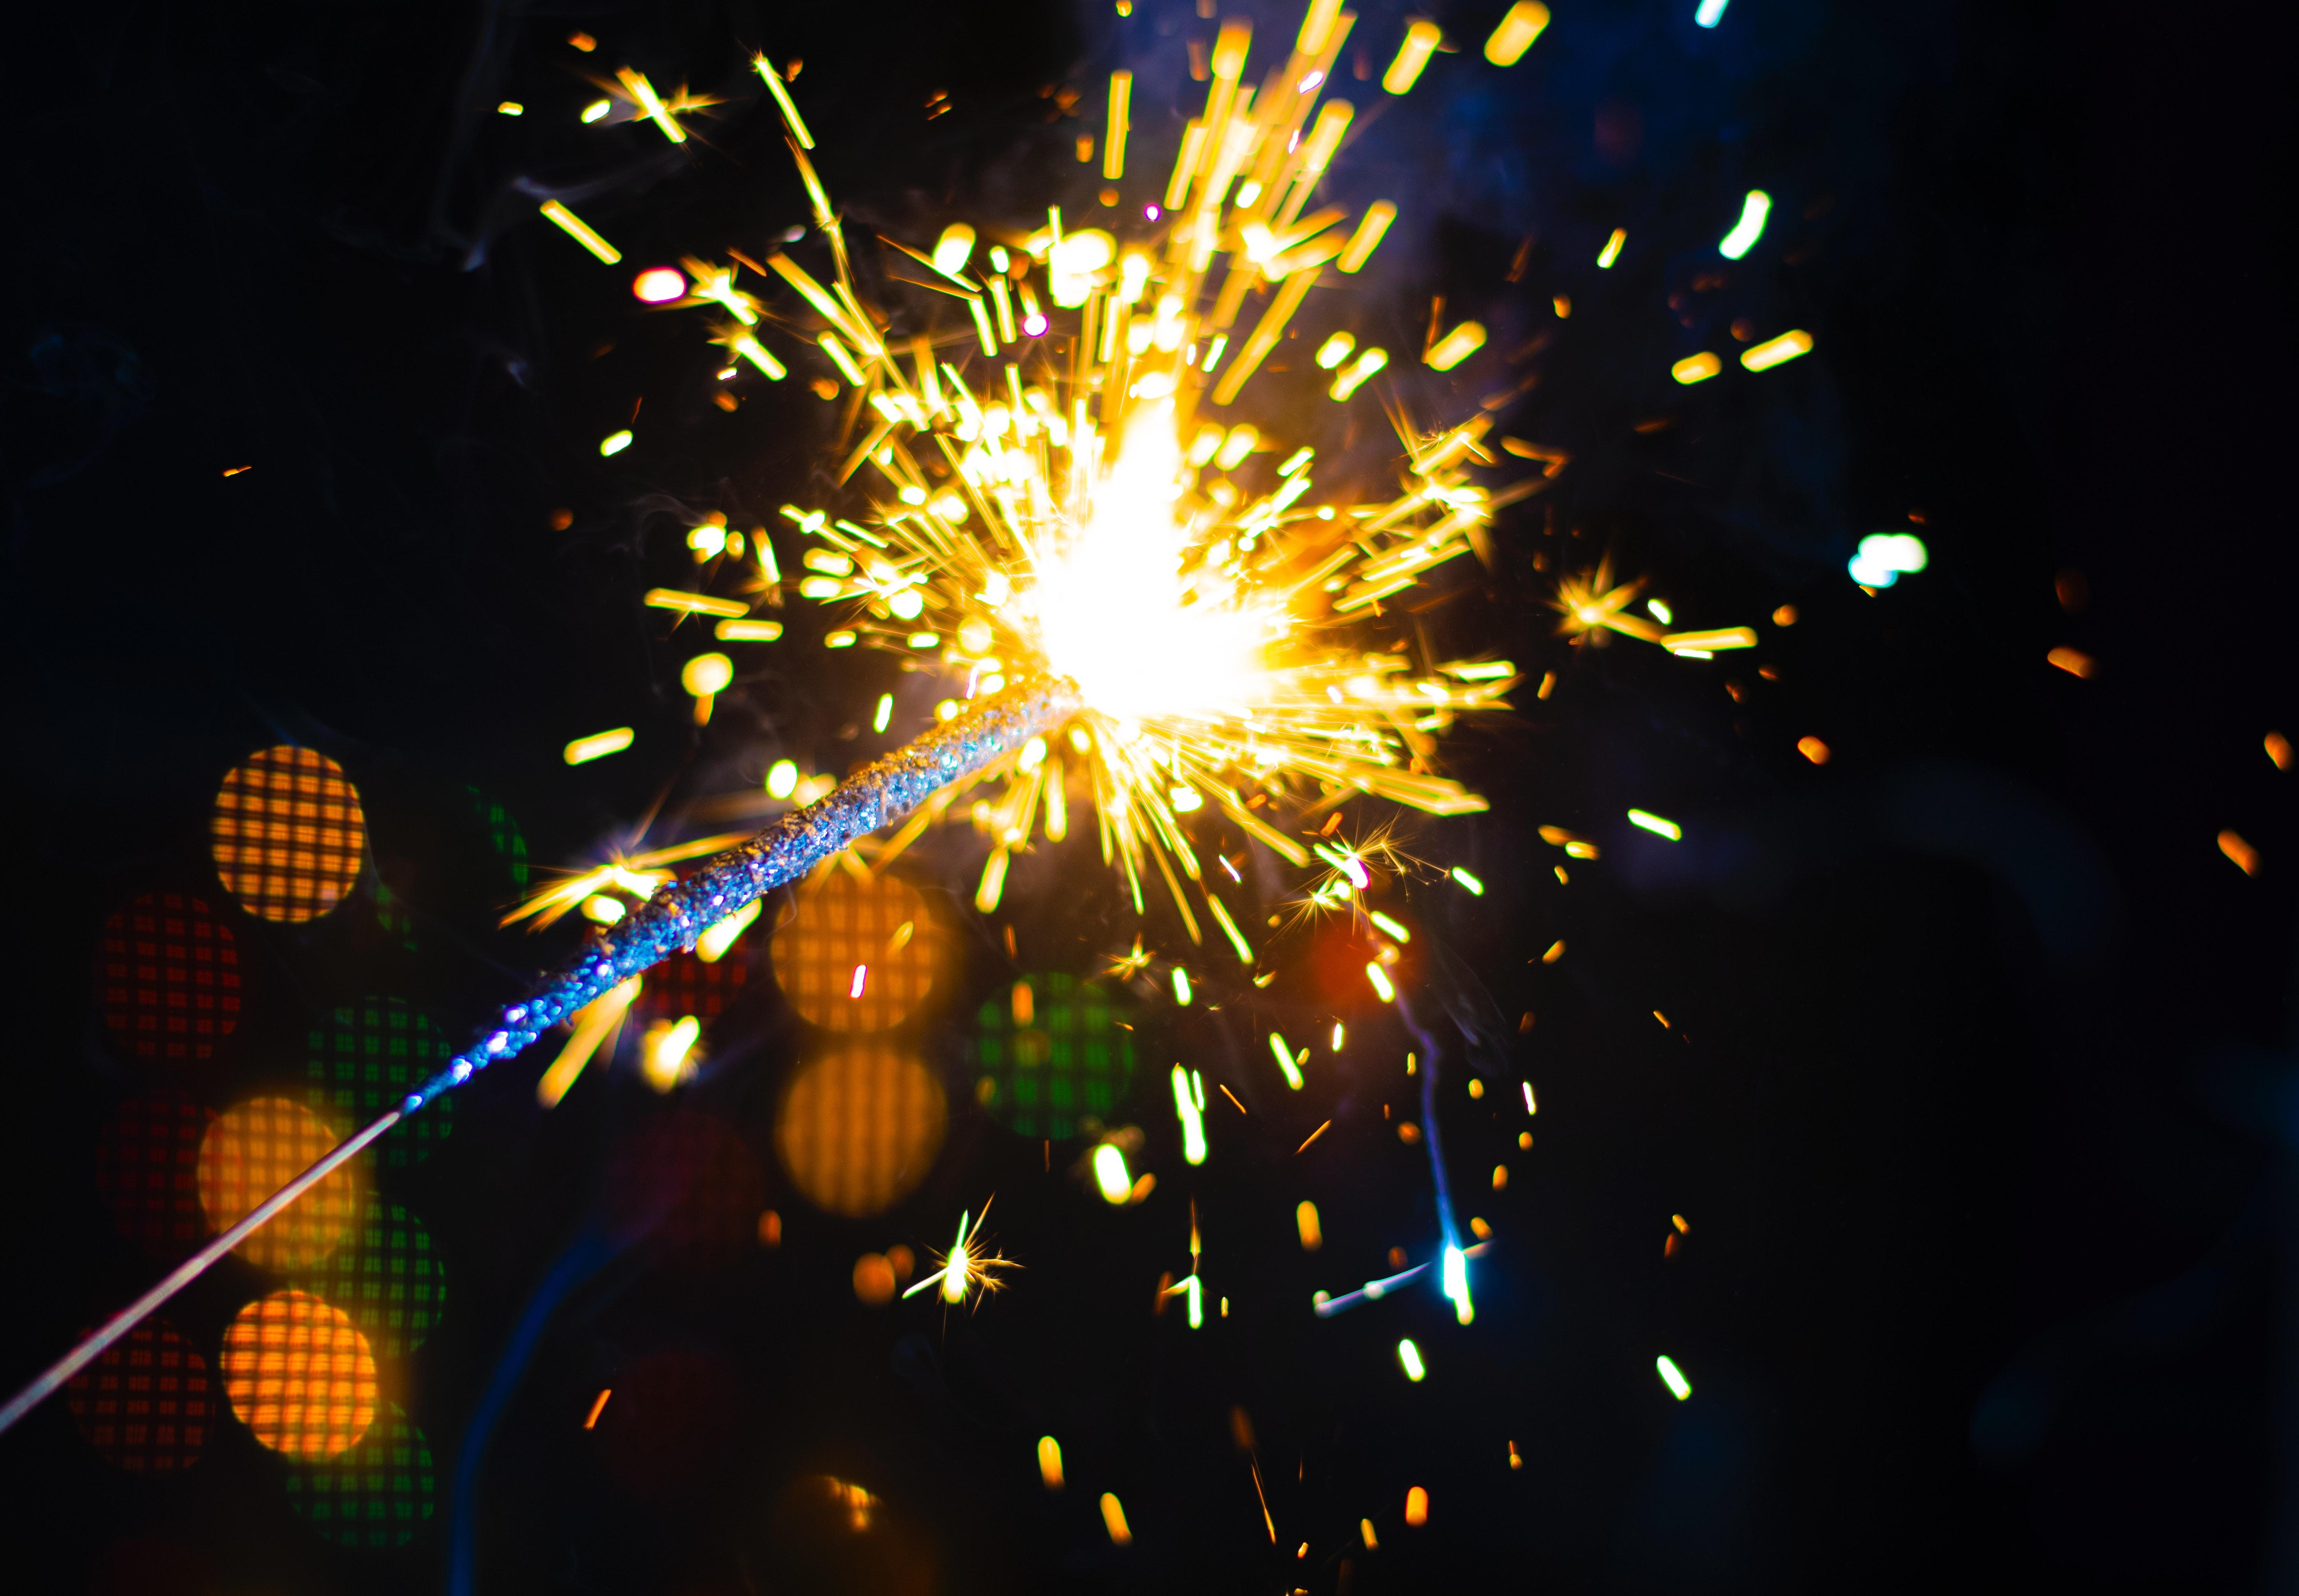 無料画像 4kの壁紙 ぼかし ボケ 明るい お祝い 閉じる 花火